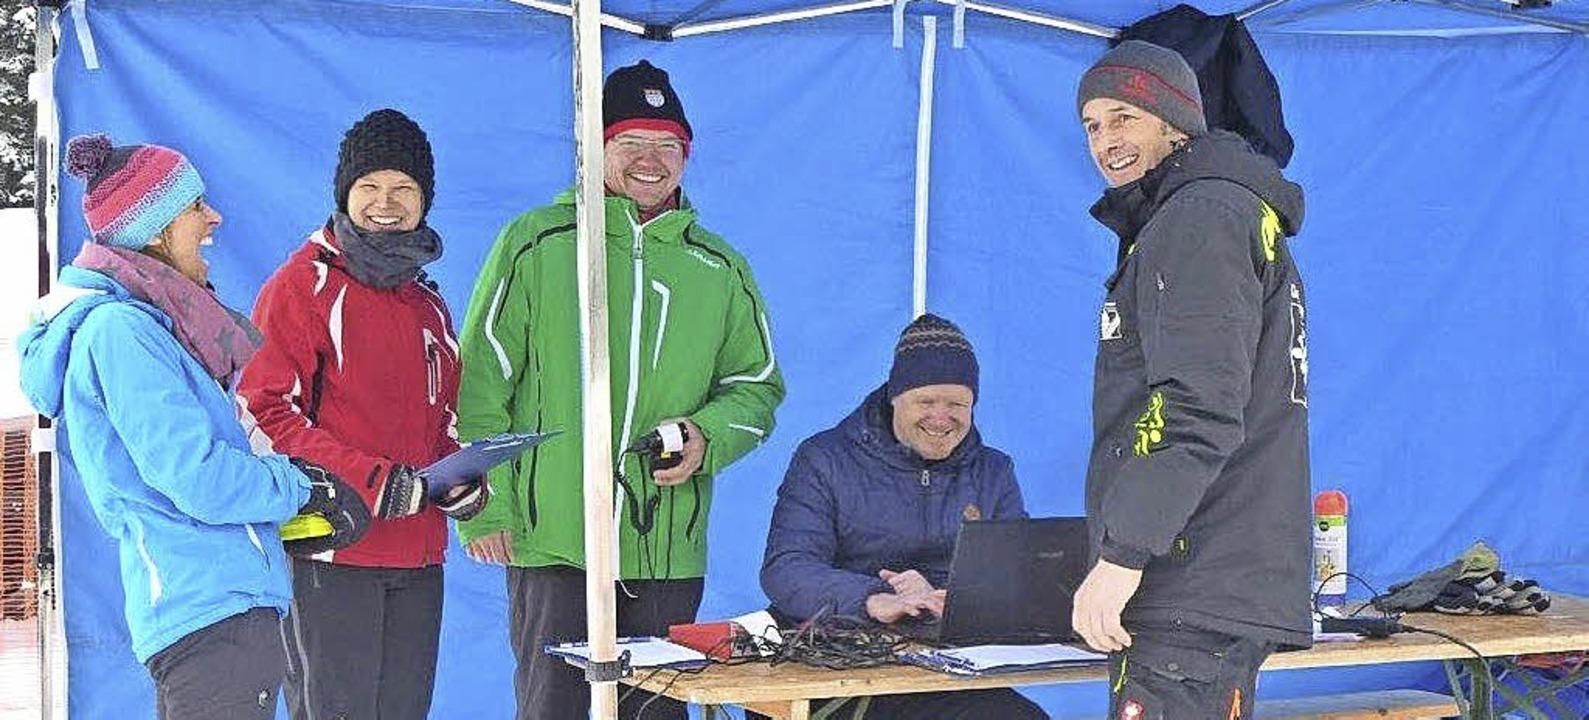 Entspannt nach dem Wettkampf: Die Zeitnehmer vom Skiclub St. Märgen  | Foto: Annemarie Zwick